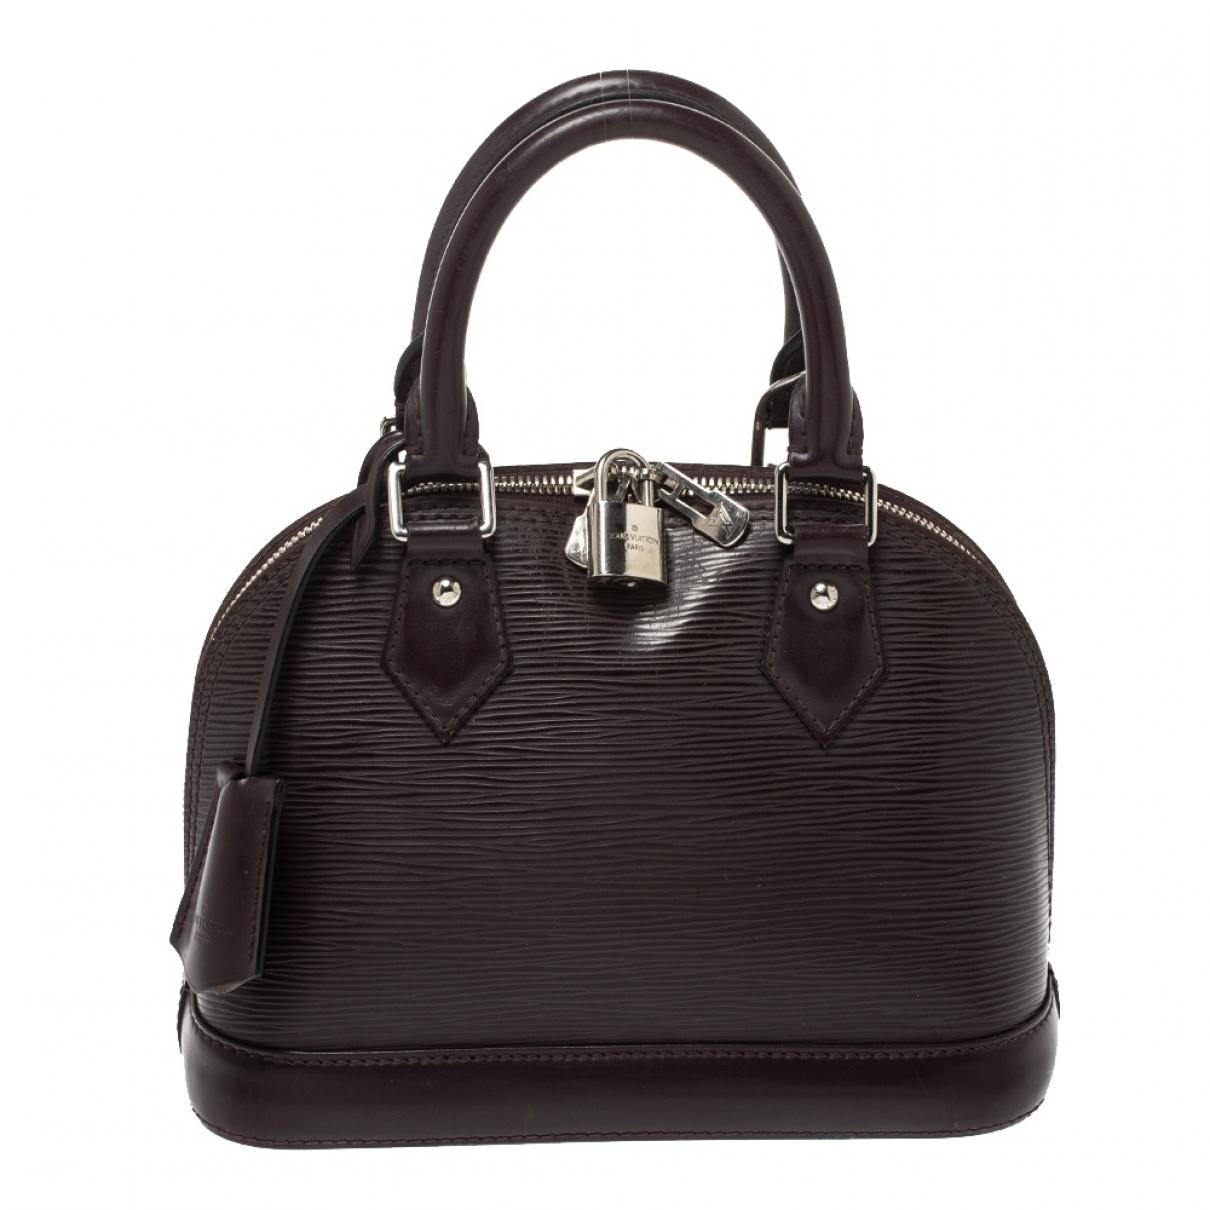 Louis Vuitton - Sac a main Alma BB pour femme en cuir